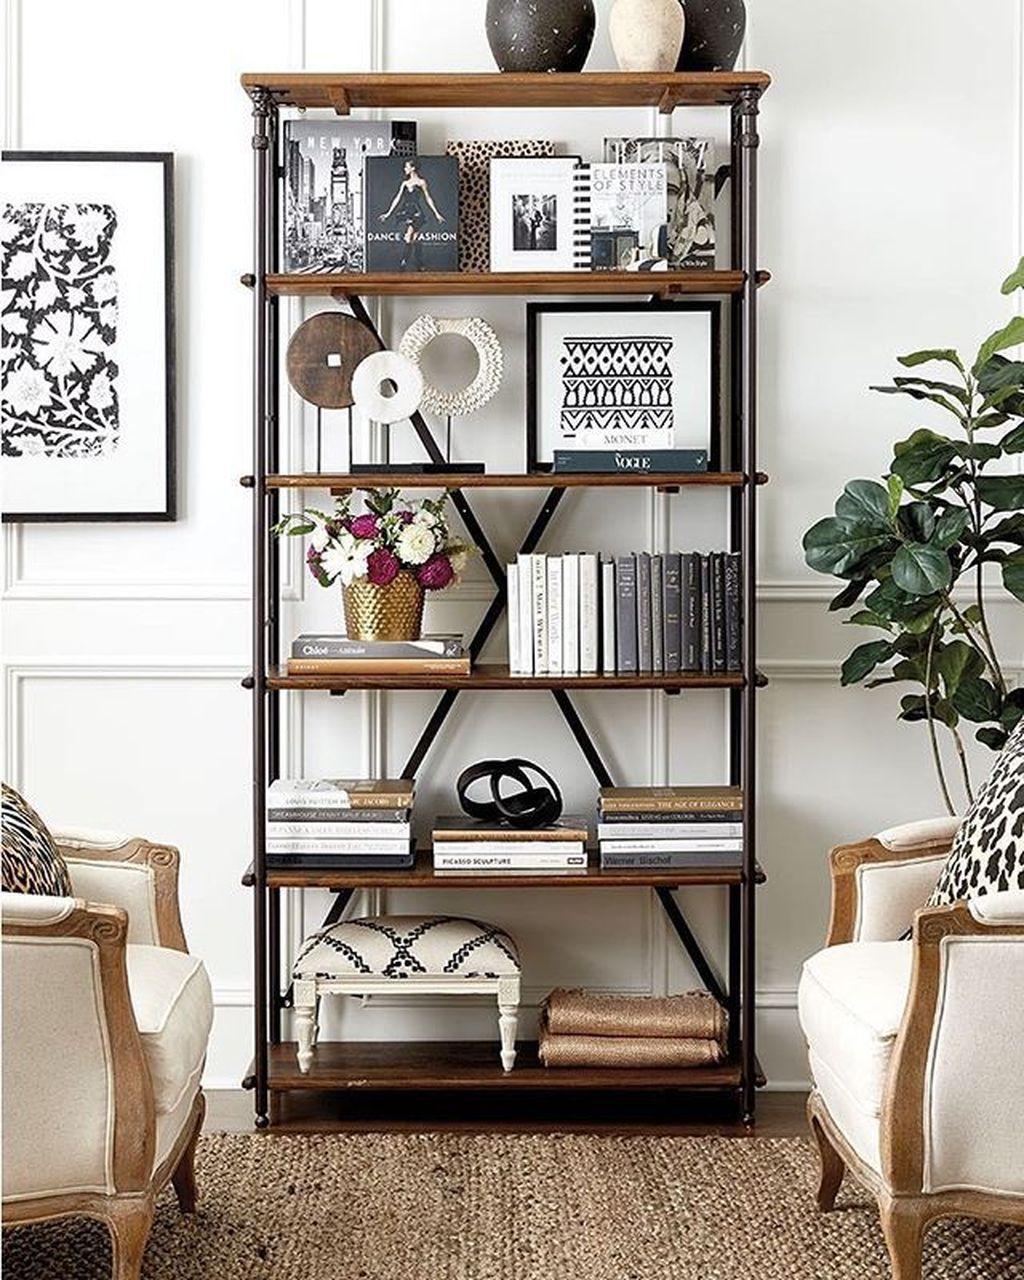 40 Awesome Open Shelving Bookshelves Ideas To Decorating Your Room Bookshelves In Living Room Bookcase Decor Bookshelf Decor